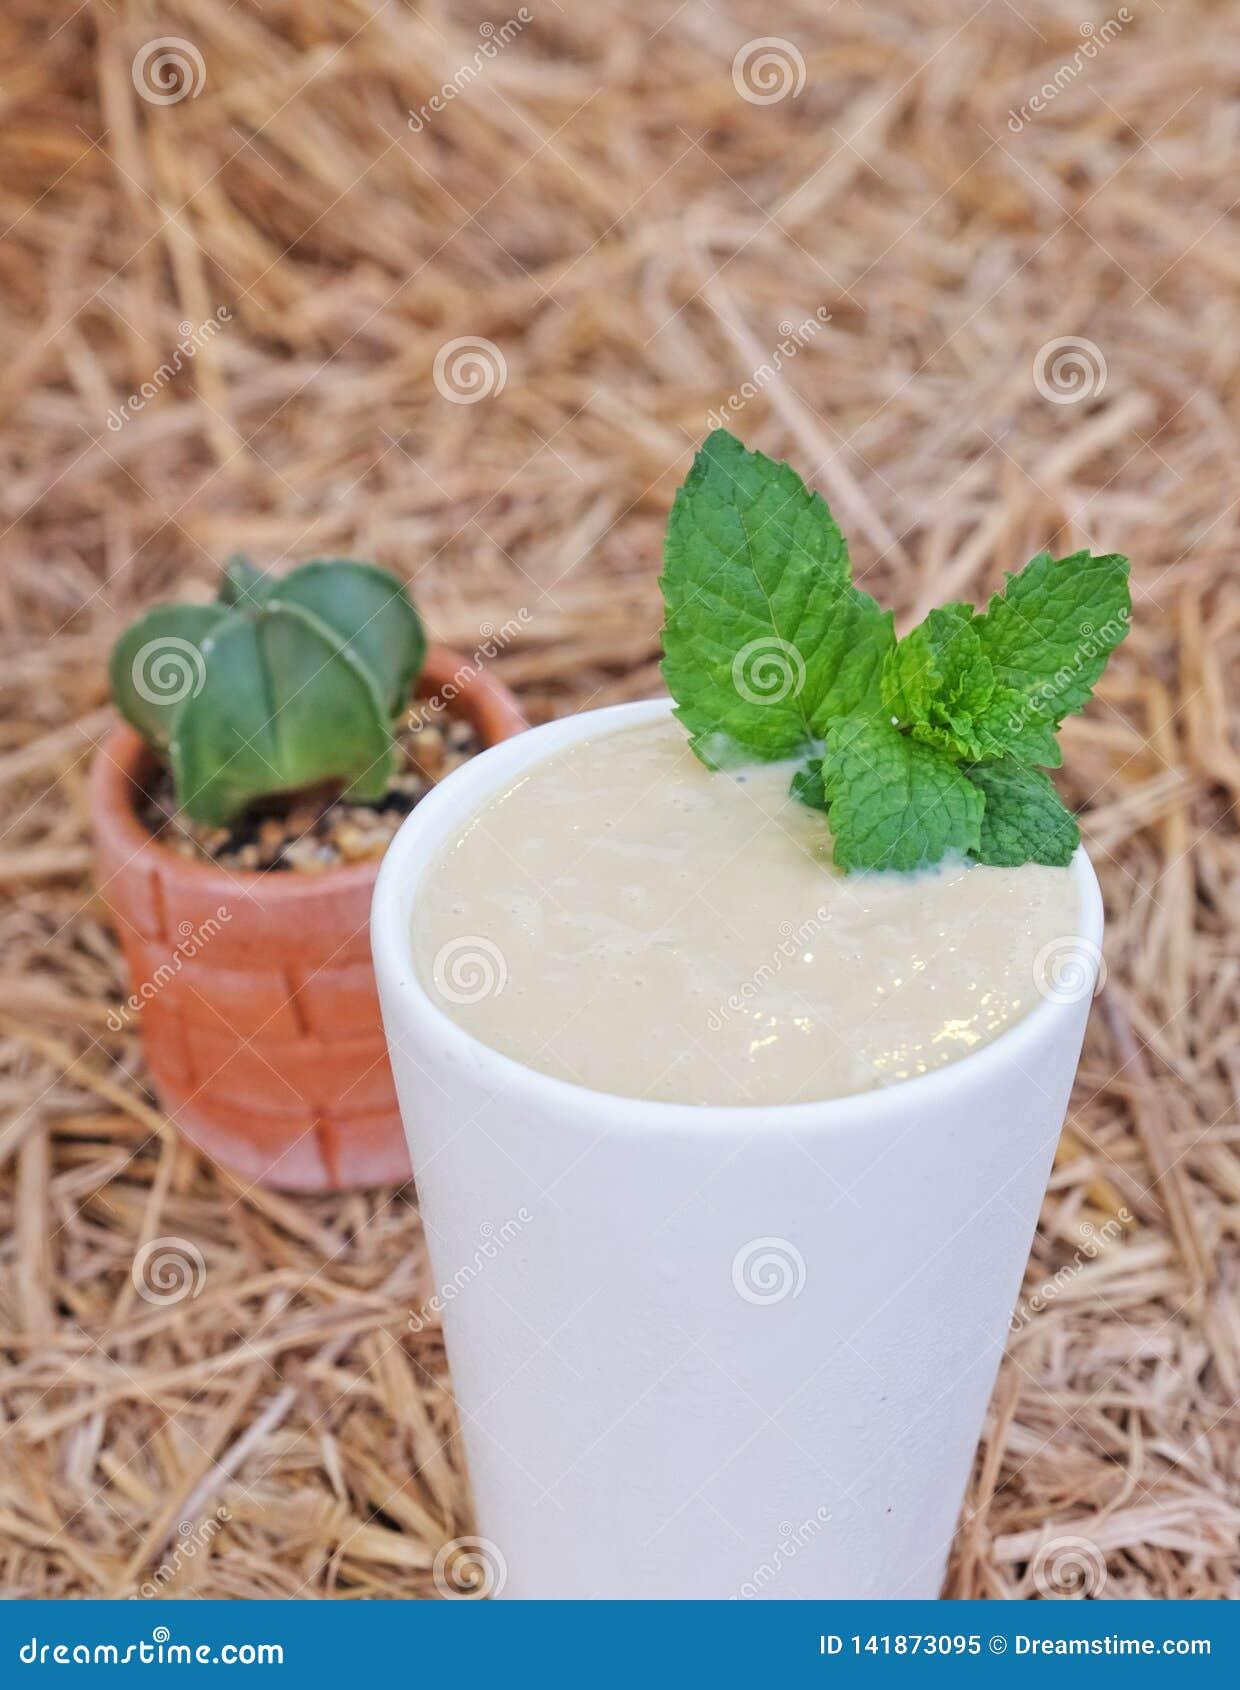 Acocado with milk